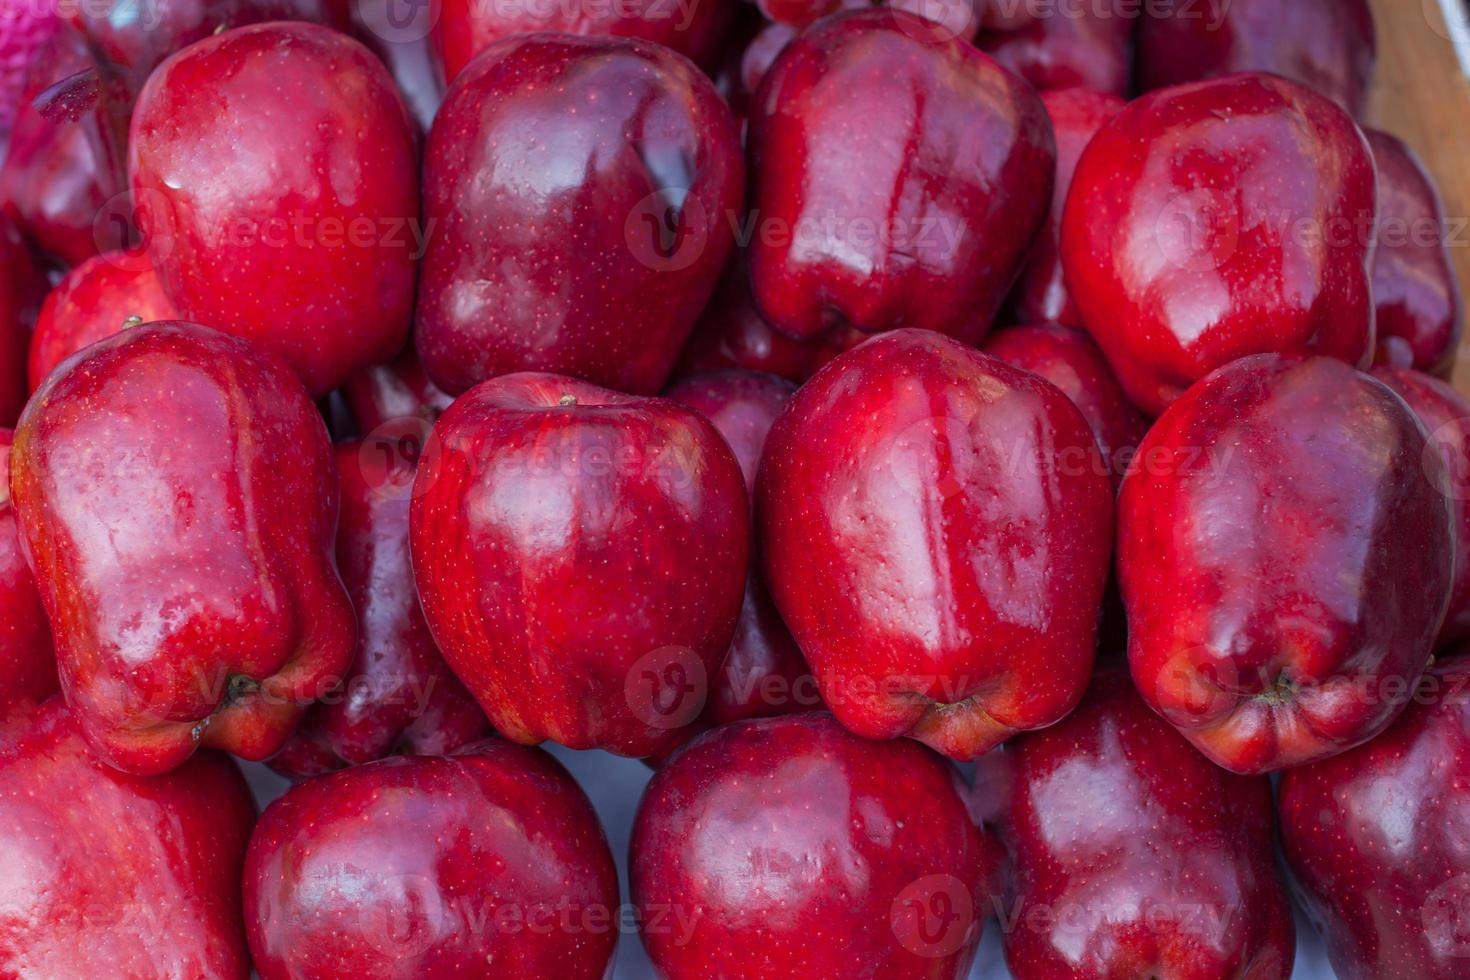 Nahaufnahme von roten Äpfeln foto